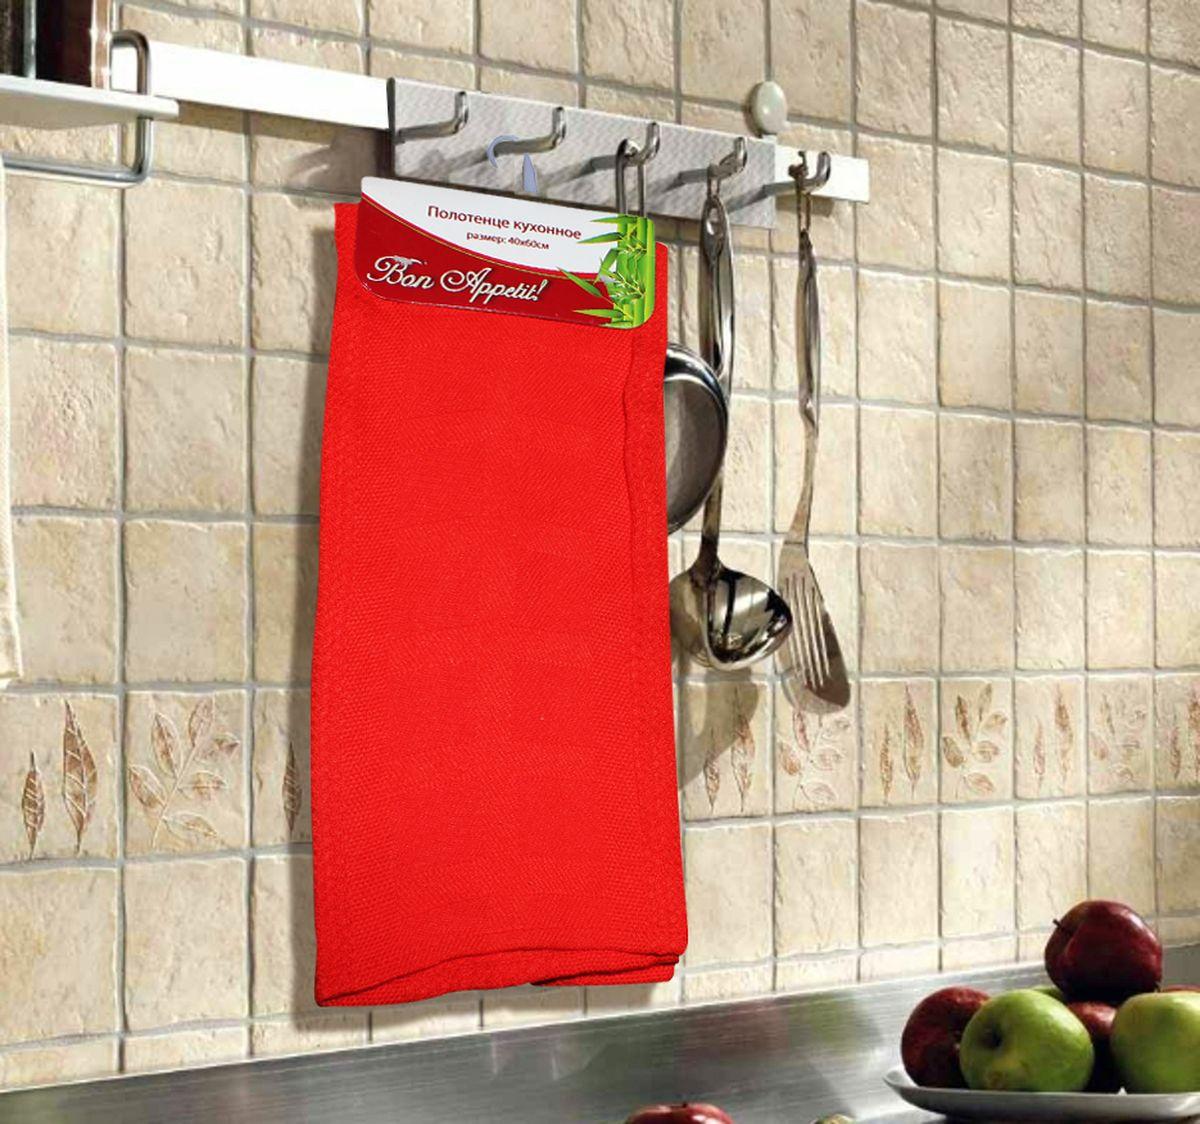 Полотенце кухонное Bon Appetit Bamboo, цвет: красный, 40 х 60 см48958Кухонные Полотенца Bon Appetit - В помощь хозяйке на кухне!!! Кухонные Полотенца Bon Appetit идеально дополнят интерьер вашей кухни и создадут атмосферу уюта и комфорта. Полотенца выполнены из натурального 100% Хлопка, поэтому являются экологически чистыми. Качество материала гарантирует безопасность не только взрослых, но и самых маленьких членов семьи. Bon Appetit – Интерьер и Практичность Современной Кухни!